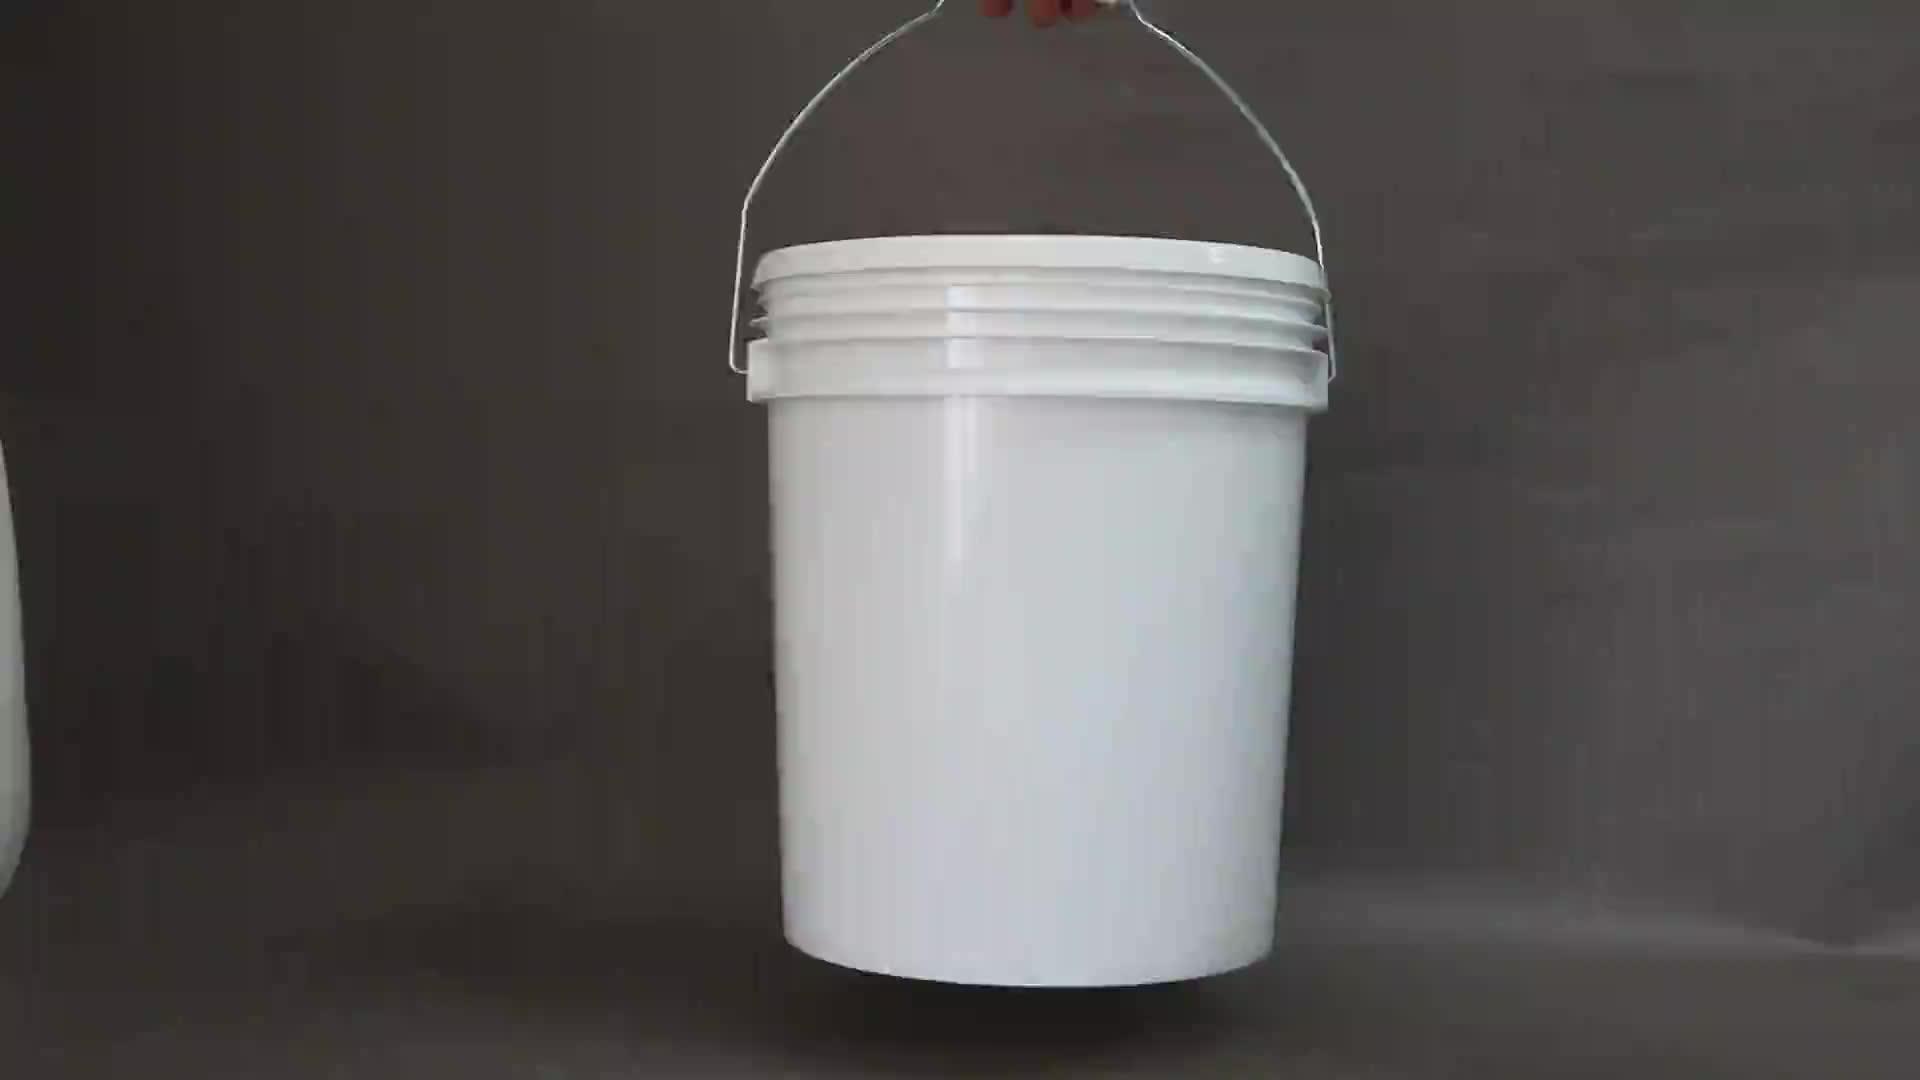 INNOPACK piccolo 20L secchi di plastica commercio all'ingrosso, a buon mercato di plastica secchio di plastica con coperchio